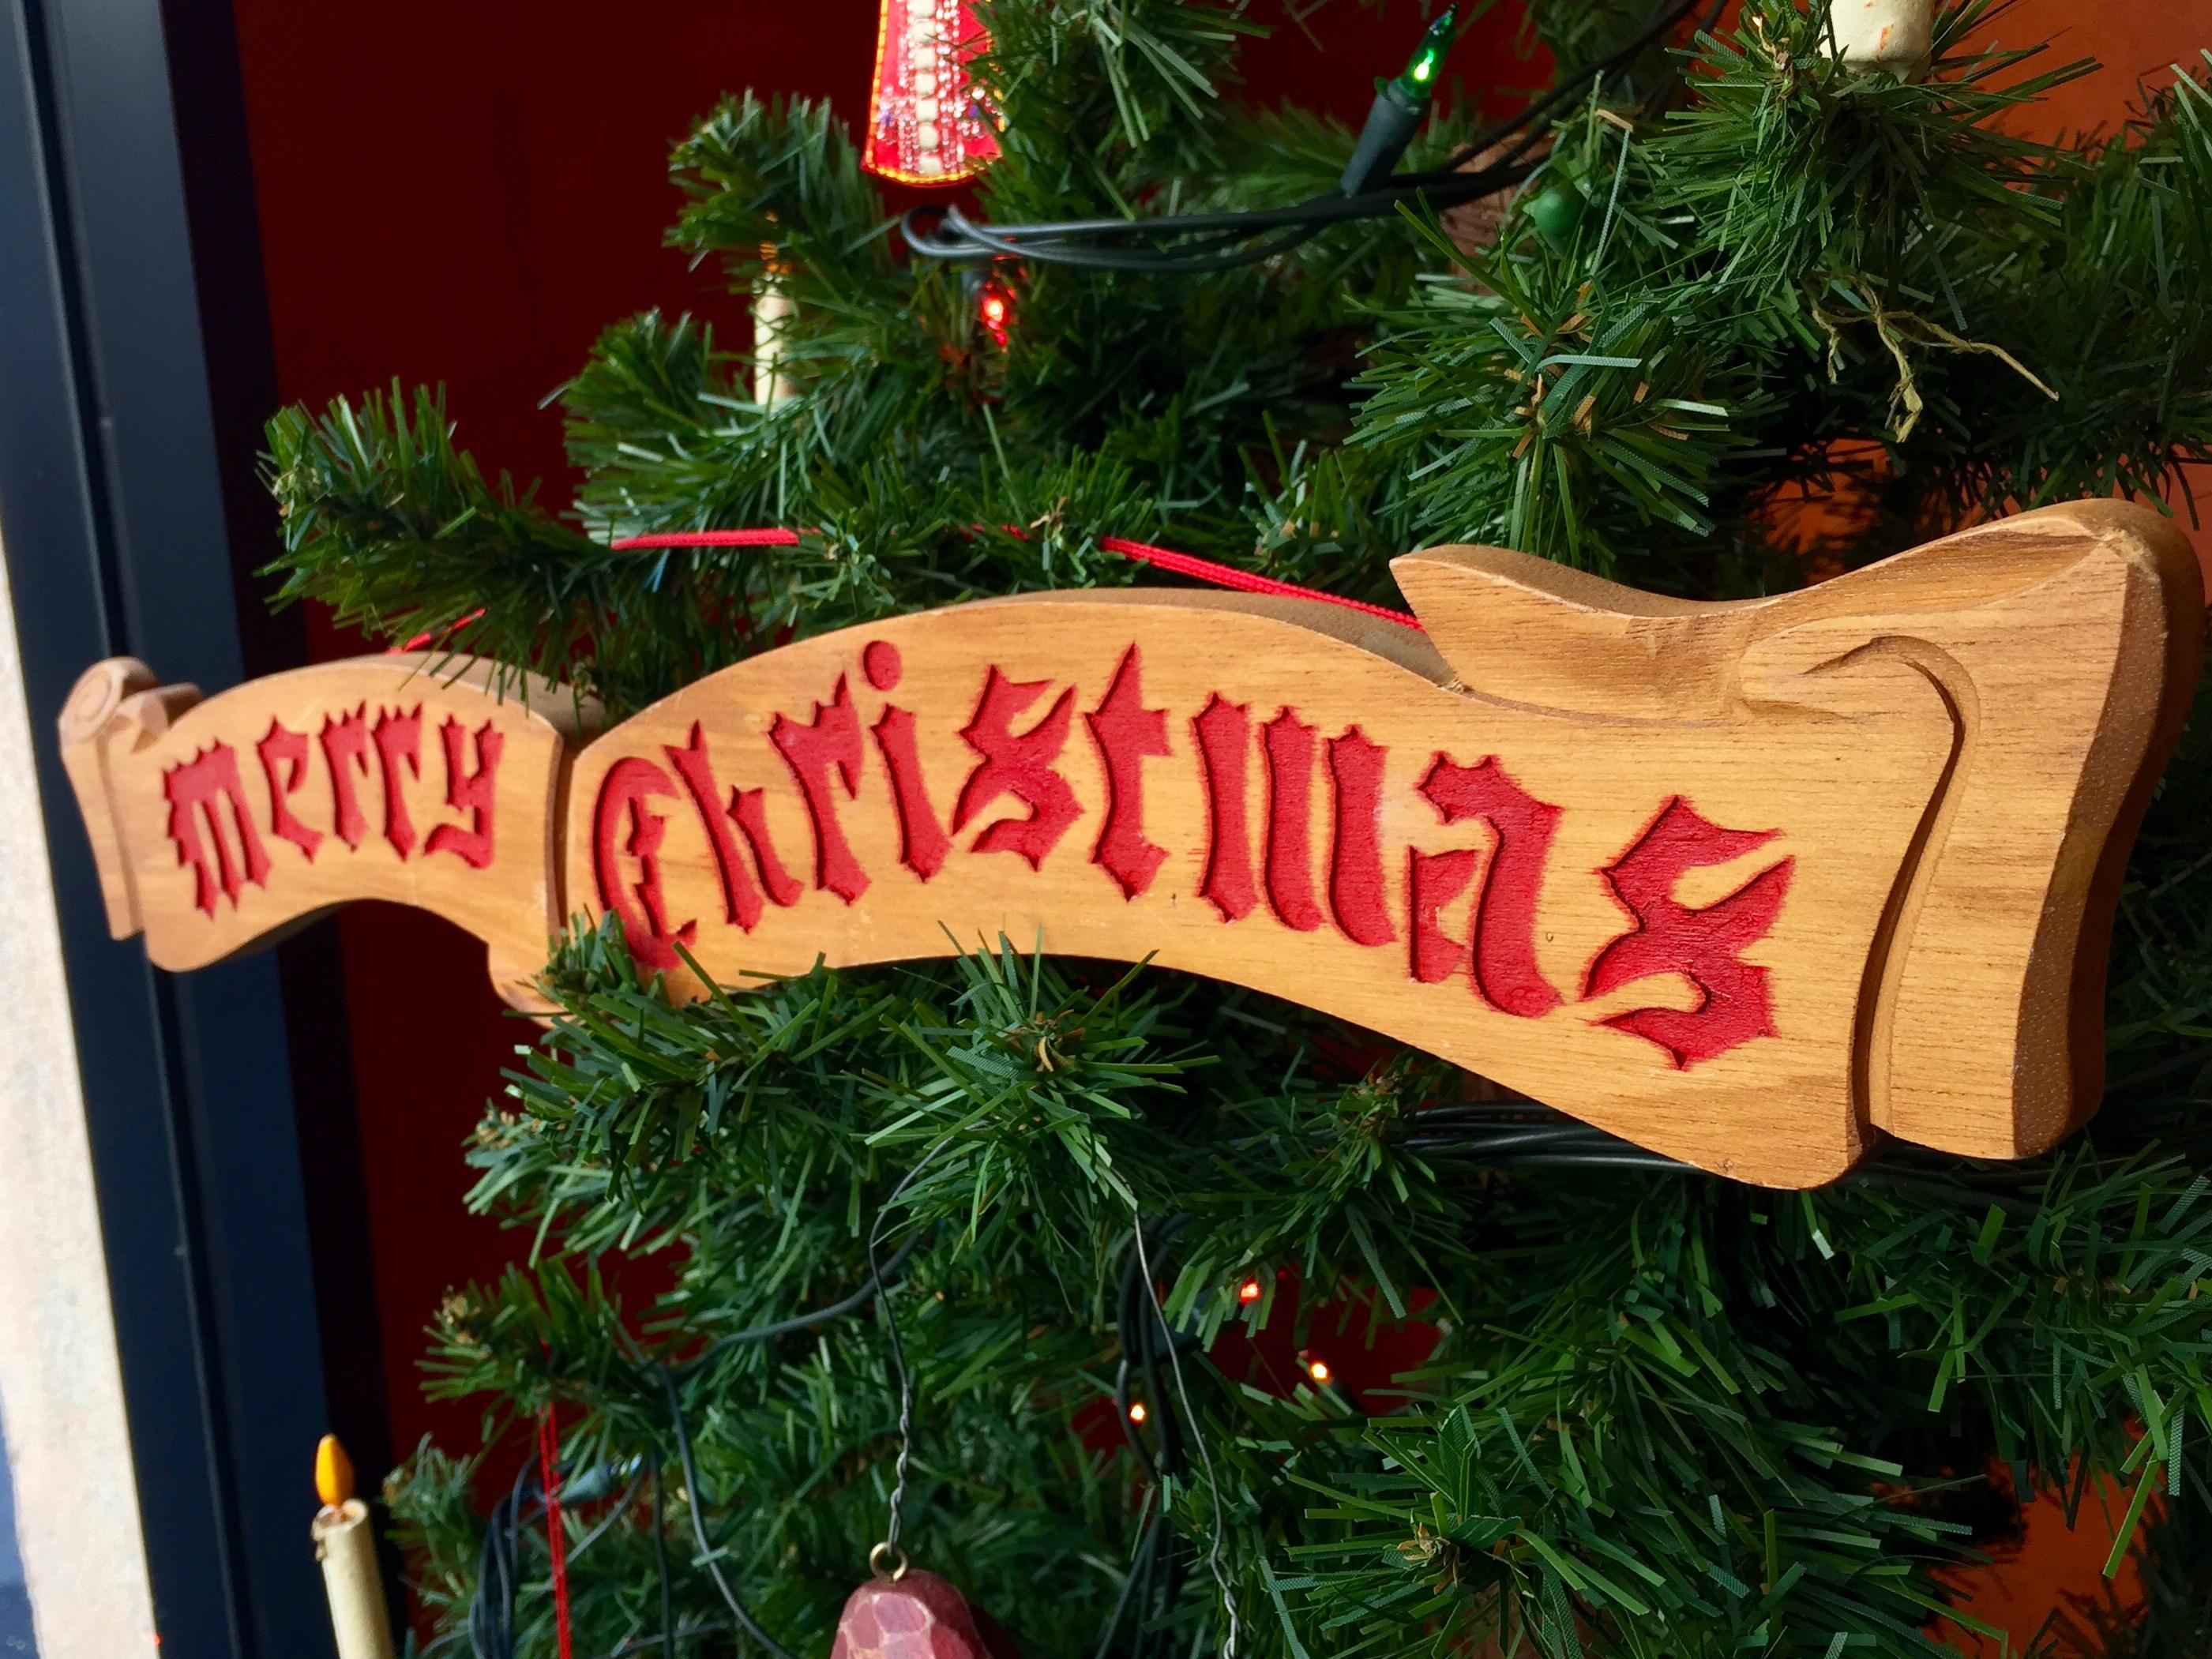 Merry Christmas!実はねらい目なシェラブのクリスマス